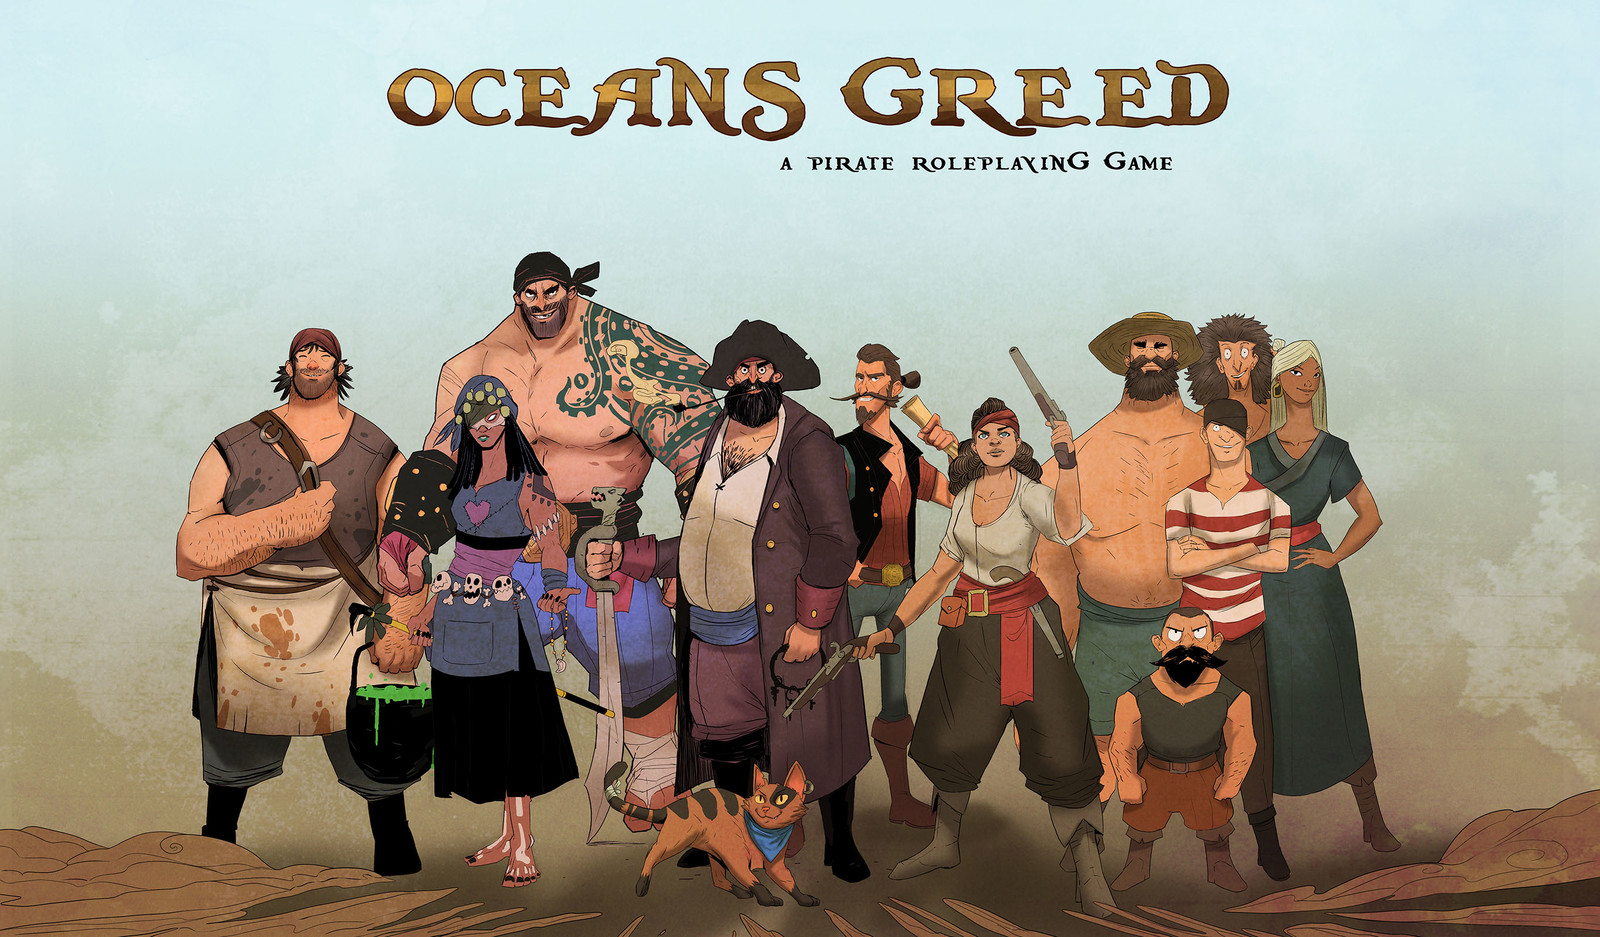 Ocean's Greed